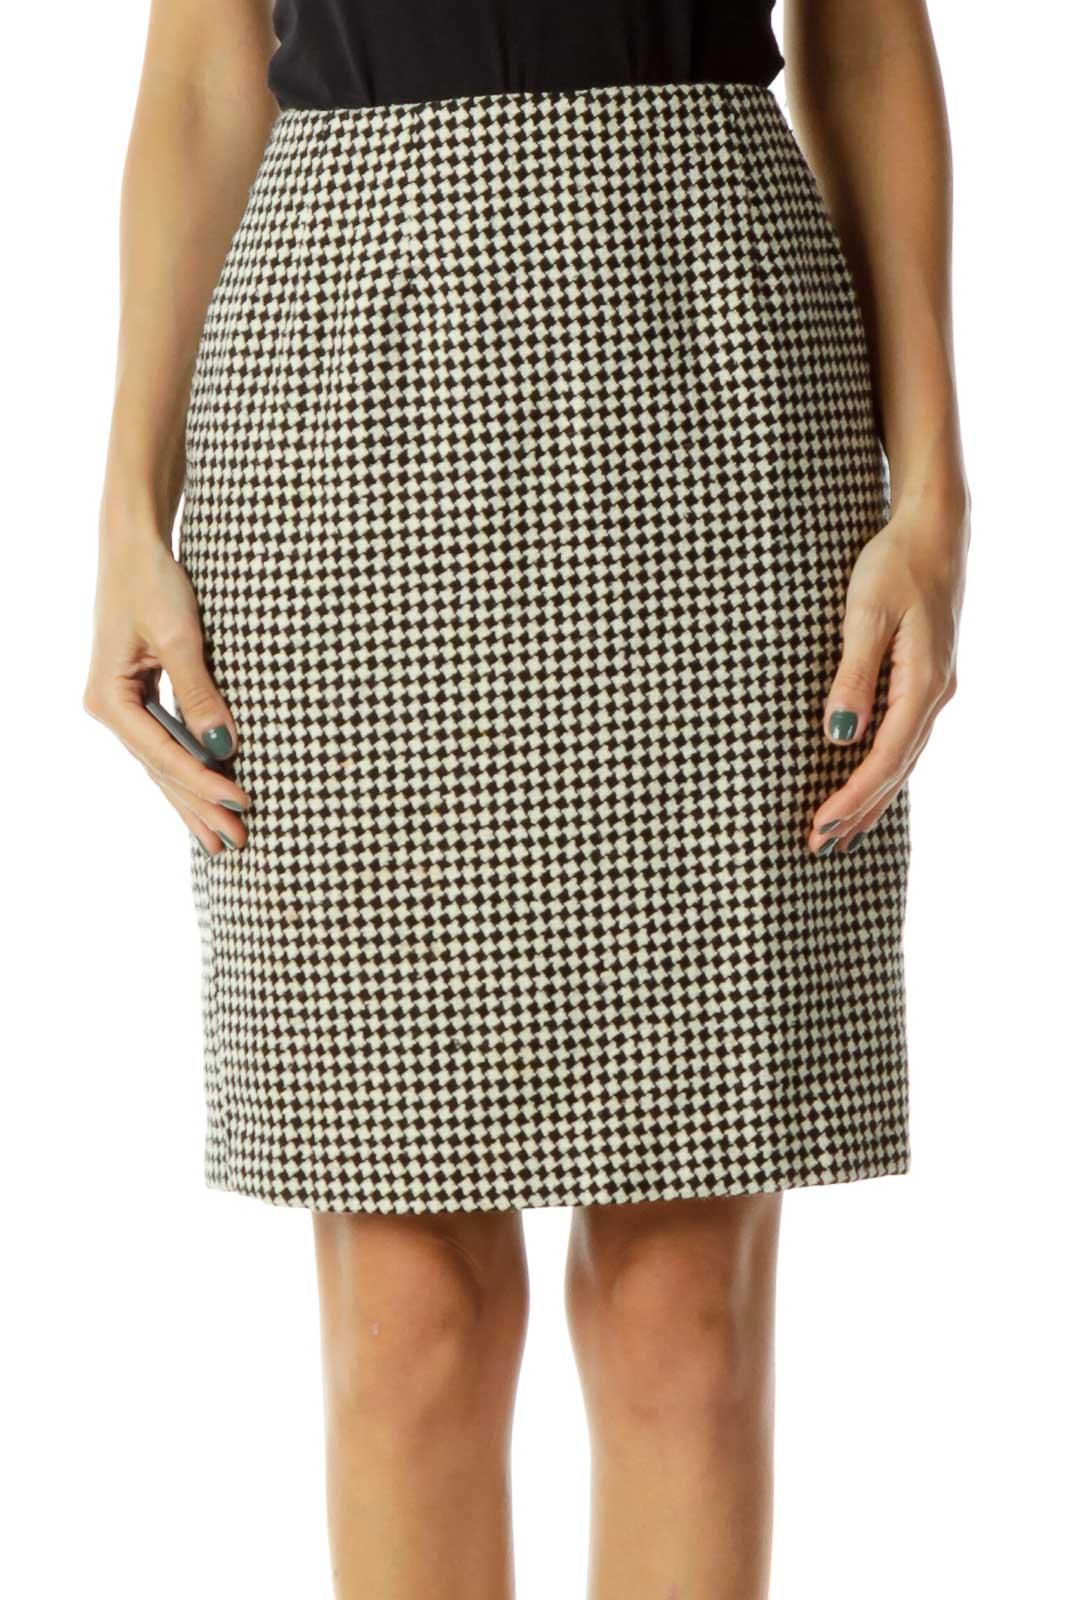 Beige Black Houndstooth Pencil Skirt Front